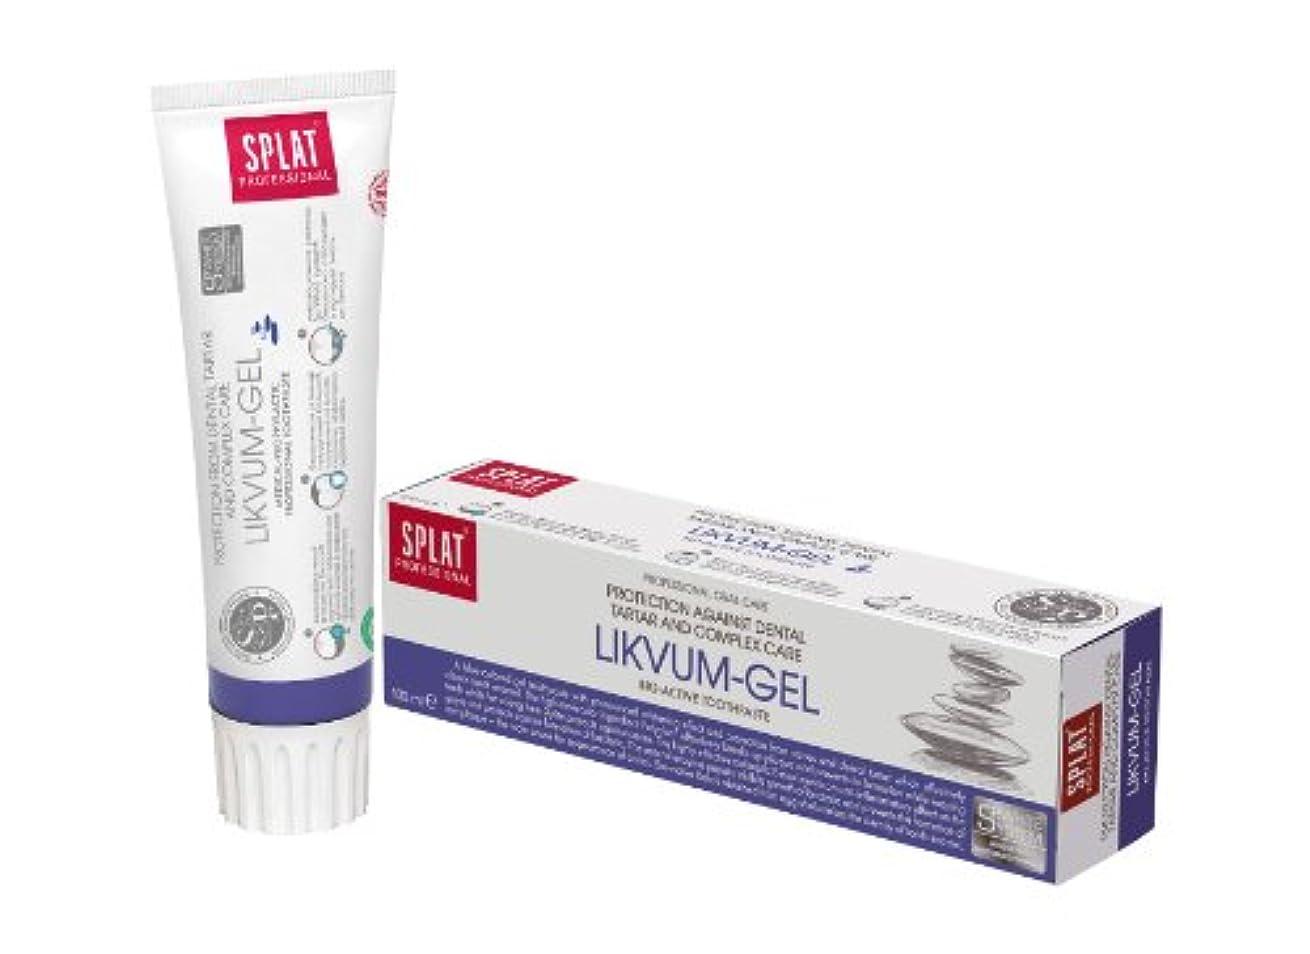 期限切れウィンクセマフォToothpaste Splat Professional 100ml (Likvum-gel)